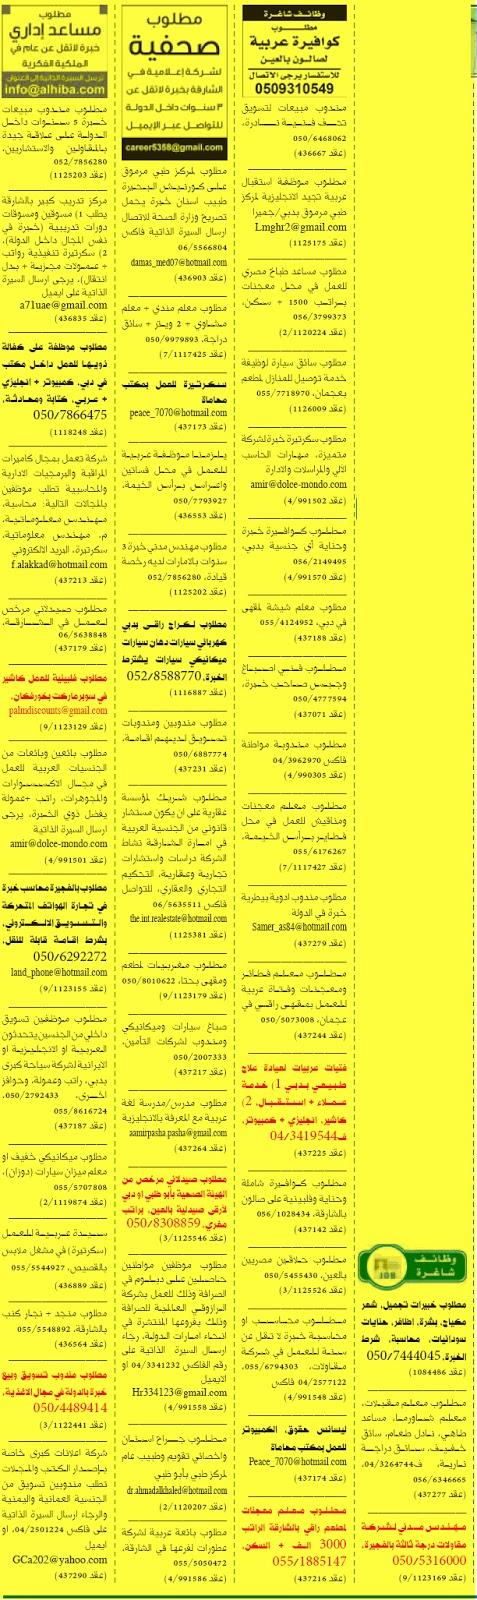 وظائف خالية فى دبى والامارات اليوم 20/3/2013